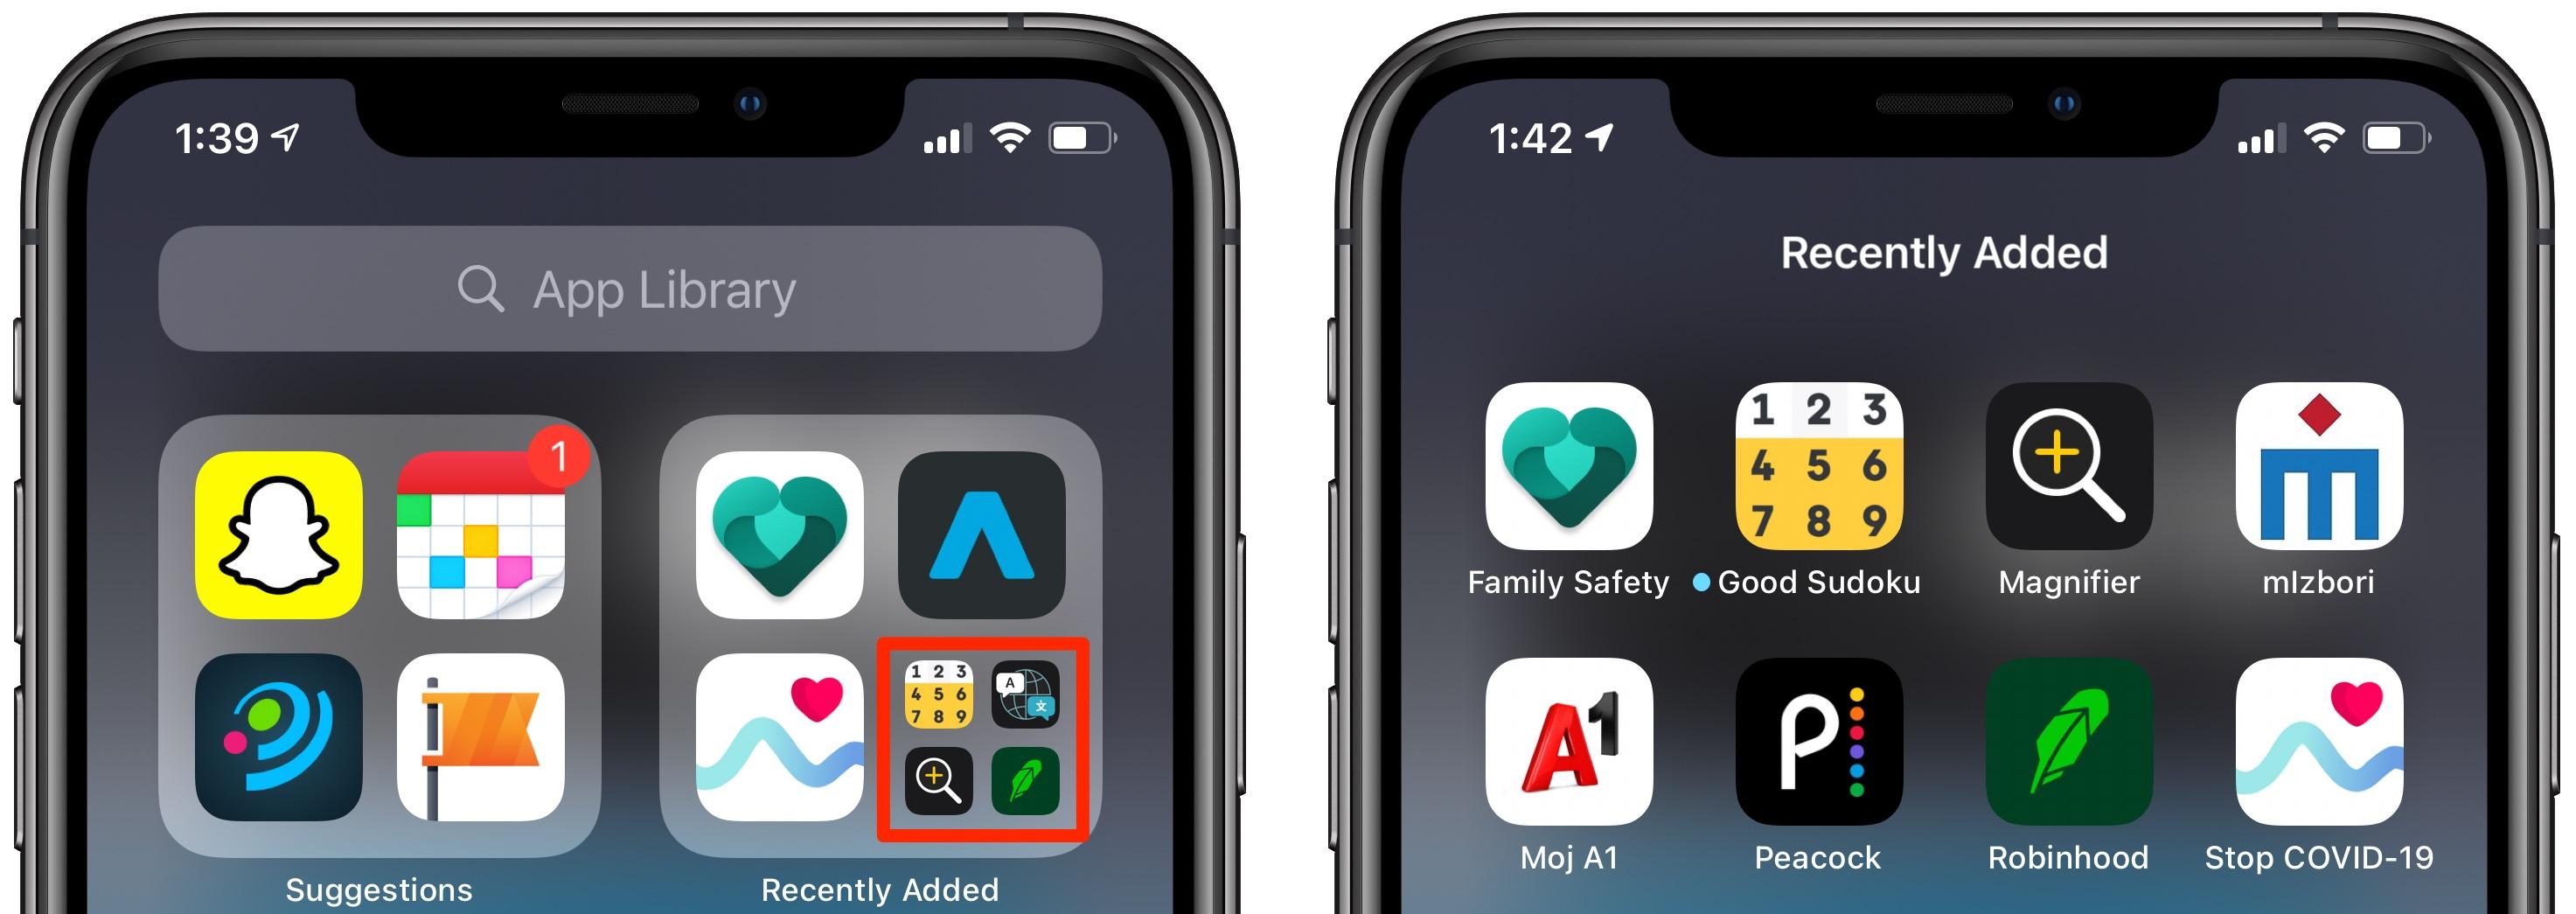 Ostatnio zainstalowane aplikacje na iPhone'a - Biblioteka aplikacji pokazująca rozszerzony folder Ostatnio dodane